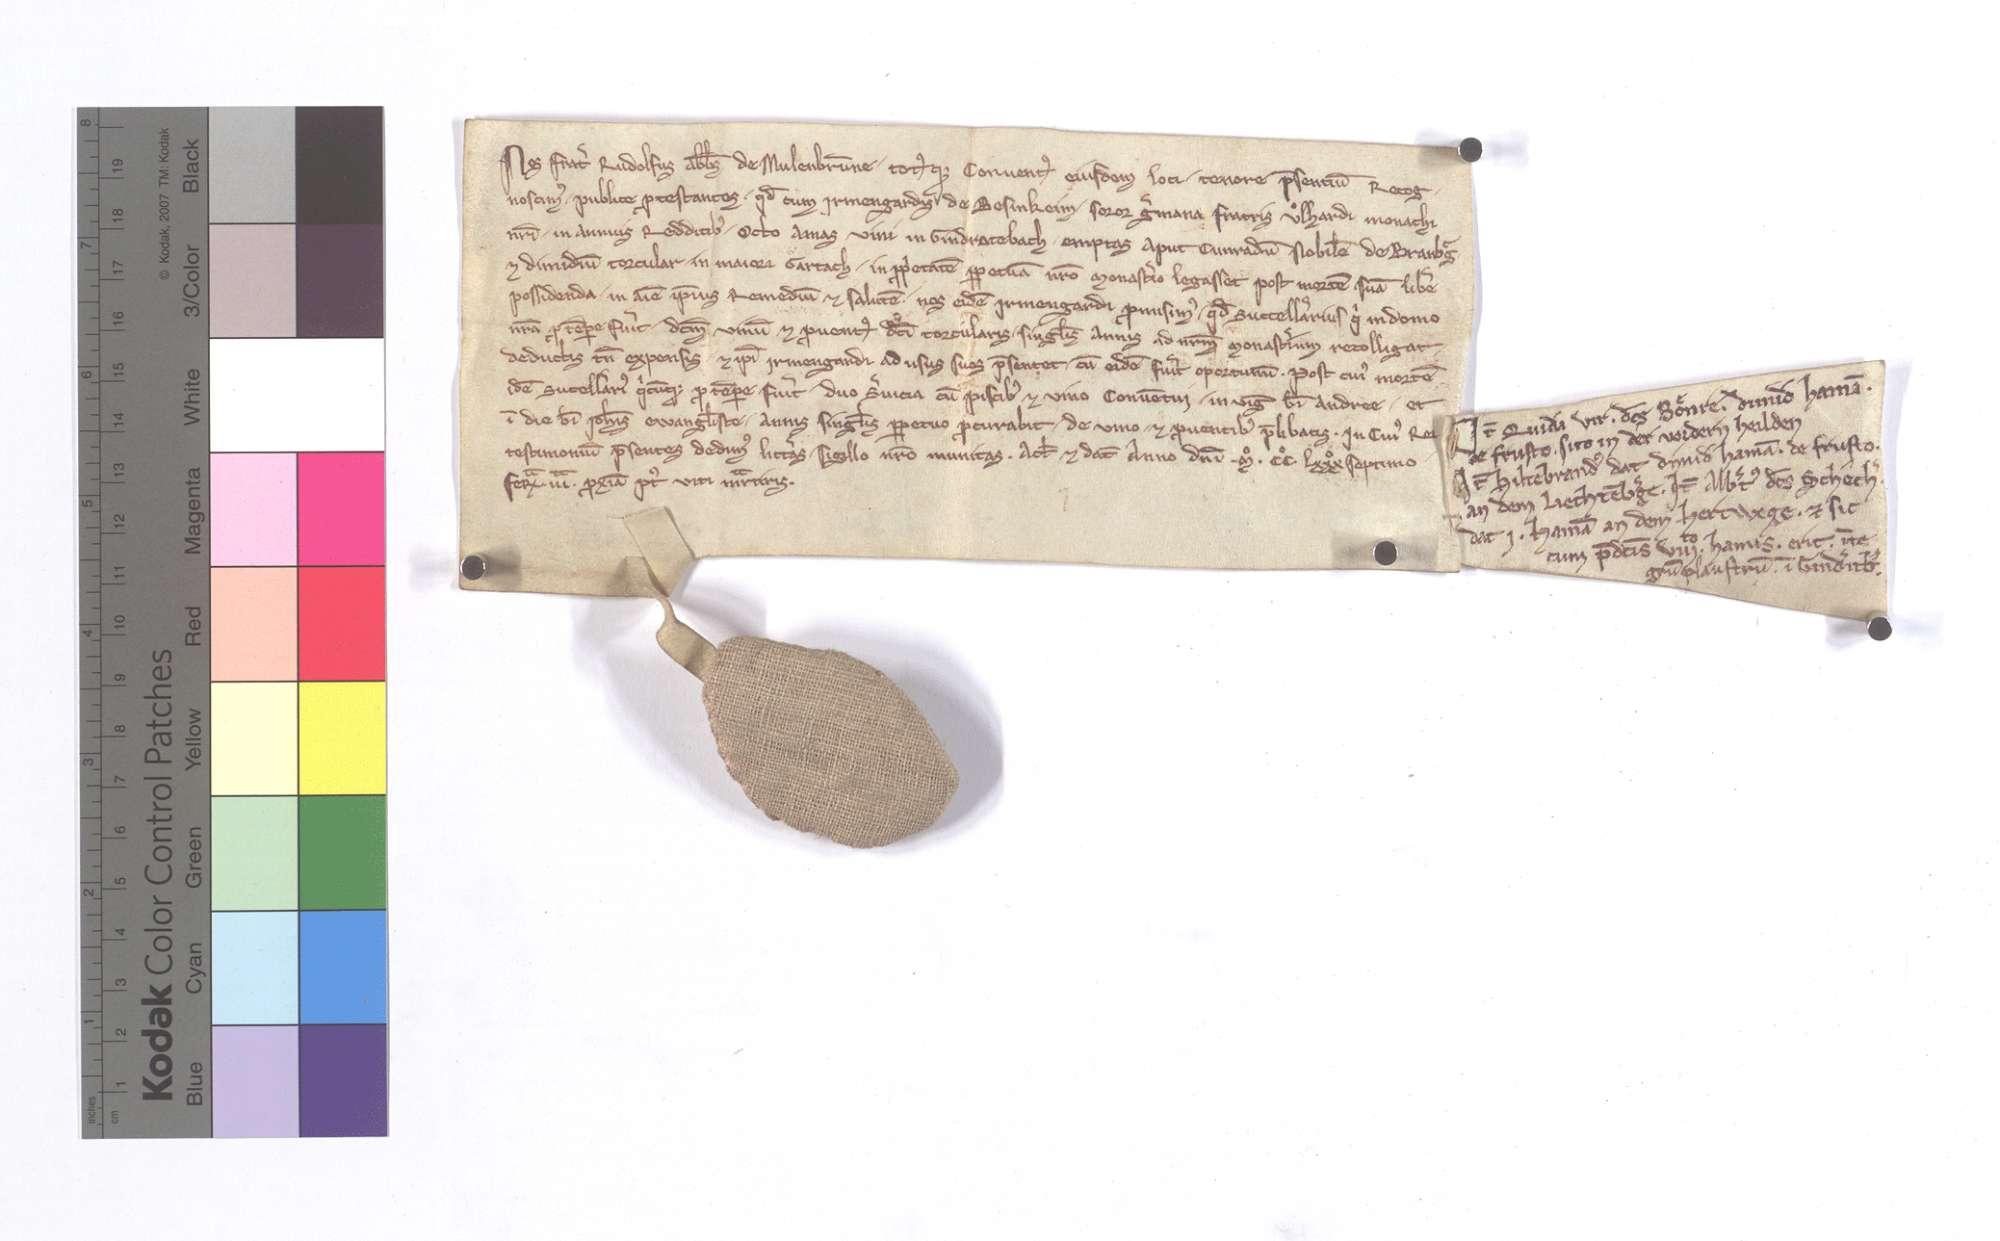 Abt Rudolf und Konvent von Maulbronn beurkunden, dass Irmengard von Besigheim (Besinkeim), die Schwester ihres Konventsbruders Ulhard, ihrem Kloster in jährlichen Gülten 8 Ohm Wein in Gündelbach (Gindratebach), die sie von dem Edlen Konrad von Branburg1 gekauft hat, und die halbe Kelter in Großgartach um ihres Seelenheils willen vermacht hat, und versprechen, dass der Unterkeller des Klosters den Wein und die Einkünfte der Kelter alljährlich einsammeln und nach Abzug der Kosten der Irmengard zur Verfügung stellen soll. Nach deren Tod soll der Unterkeller davon jährlich zweimal, an St. Andreas Abend und an Johannis des Evangelisten Tag, dem Konvent Fische und Wein geben., Text